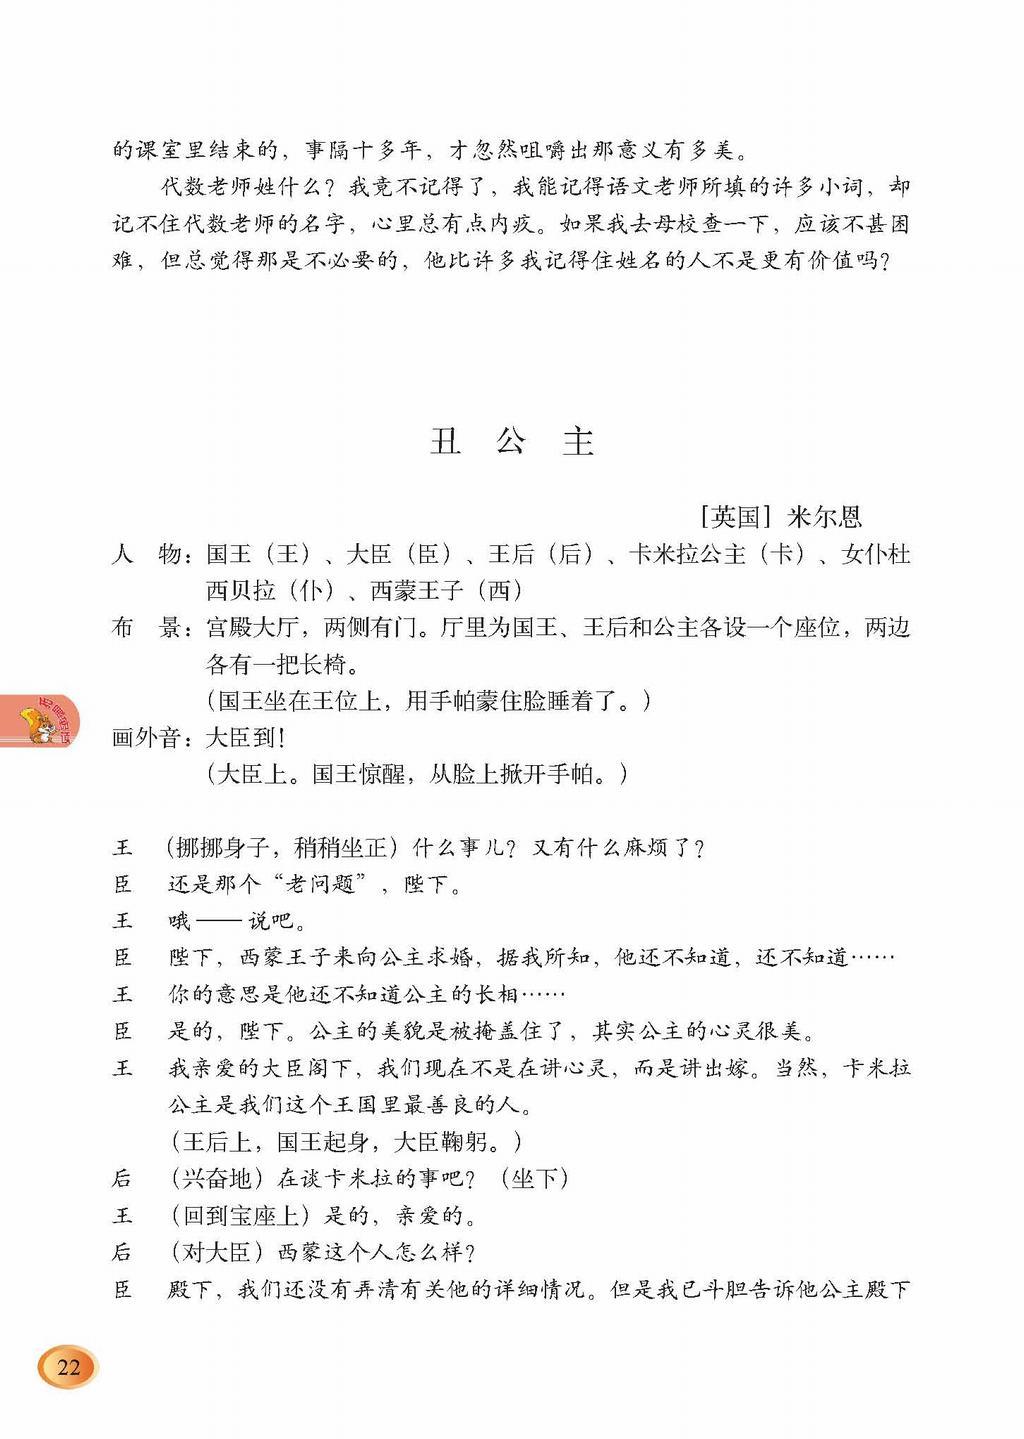 北师大版六年级上册语文:二 美与丑(4)图片